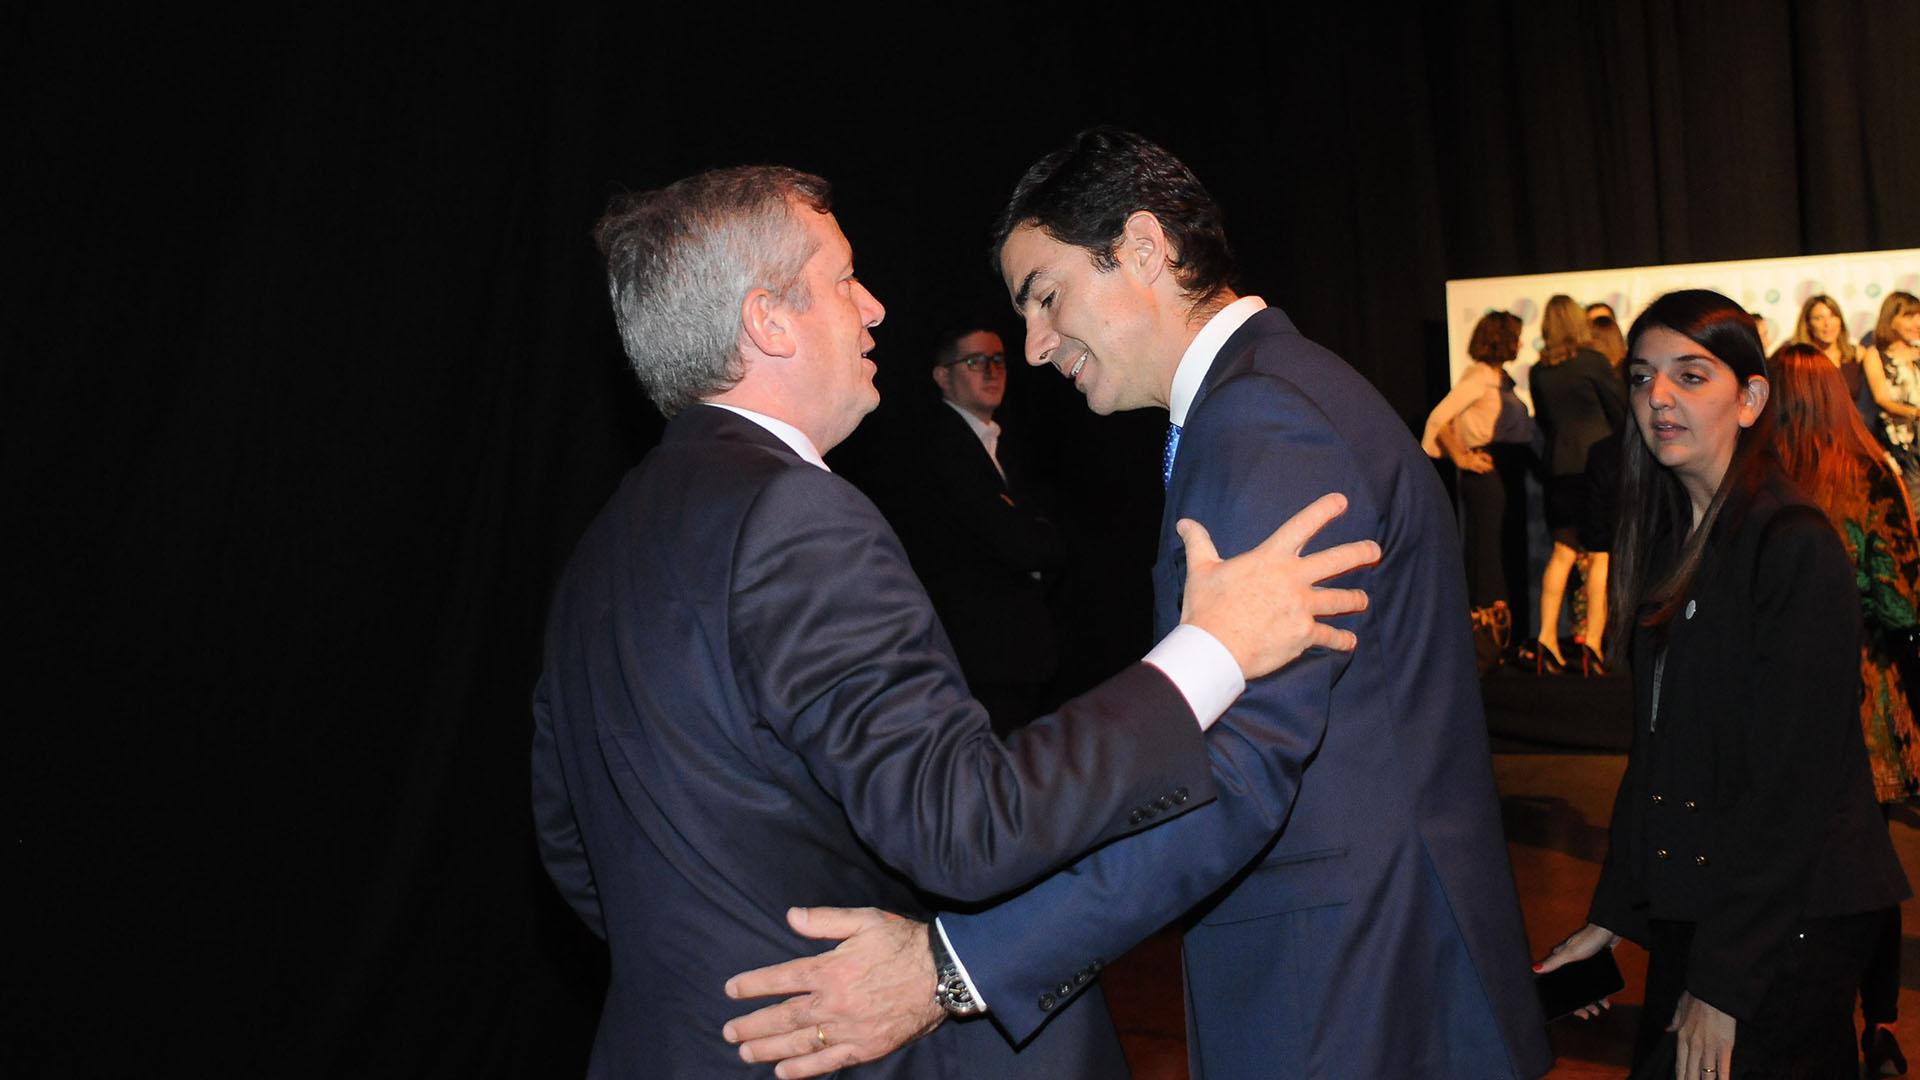 El saludo entre Emilio Monzó y el gobernador de Salta, Juan Manuel Urtubey